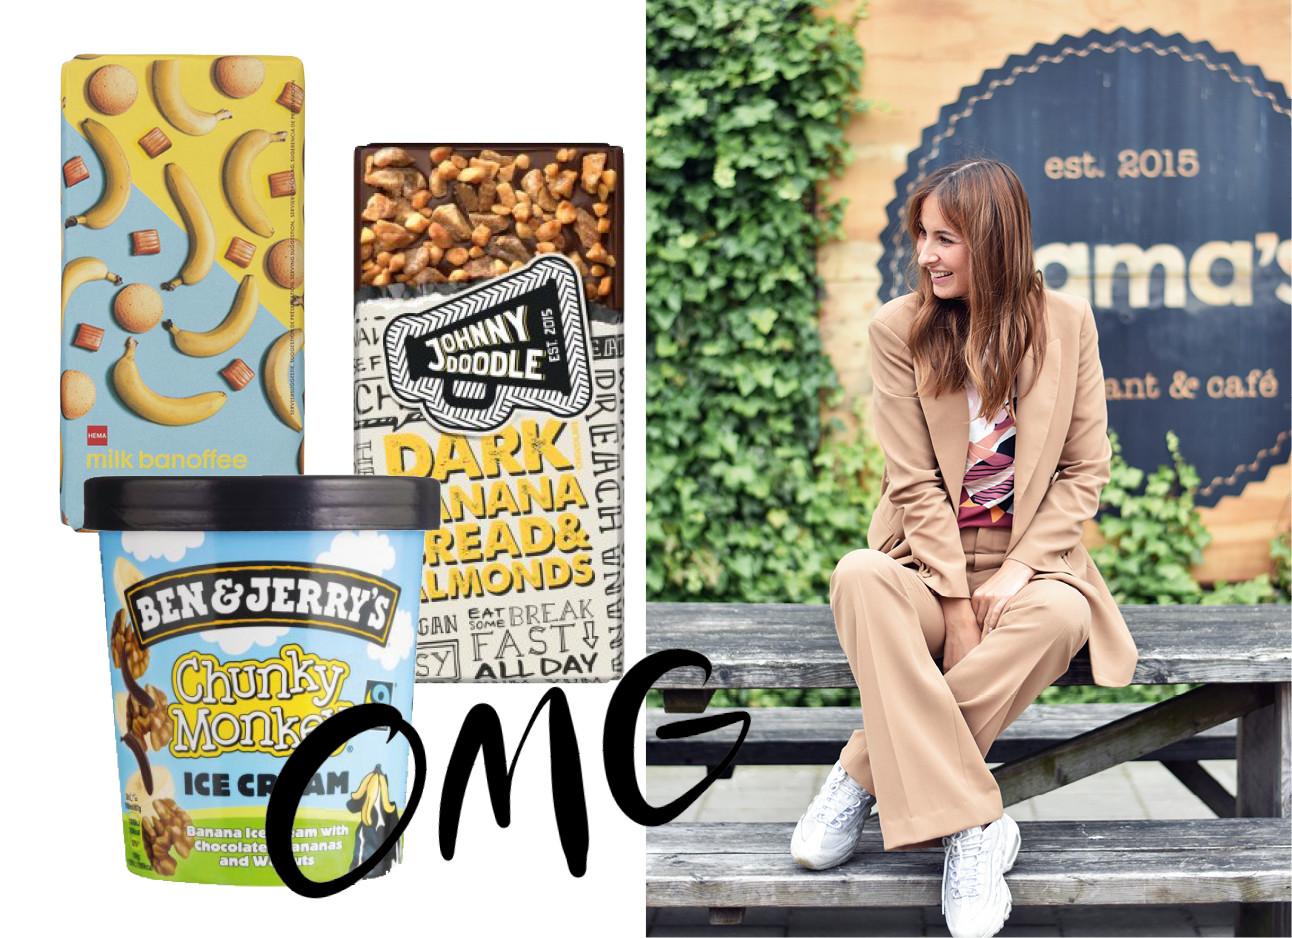 Lil die met in een bruin pak op een houten picknik tafel zit en naast haar staan 3 bananen snoep artikelen